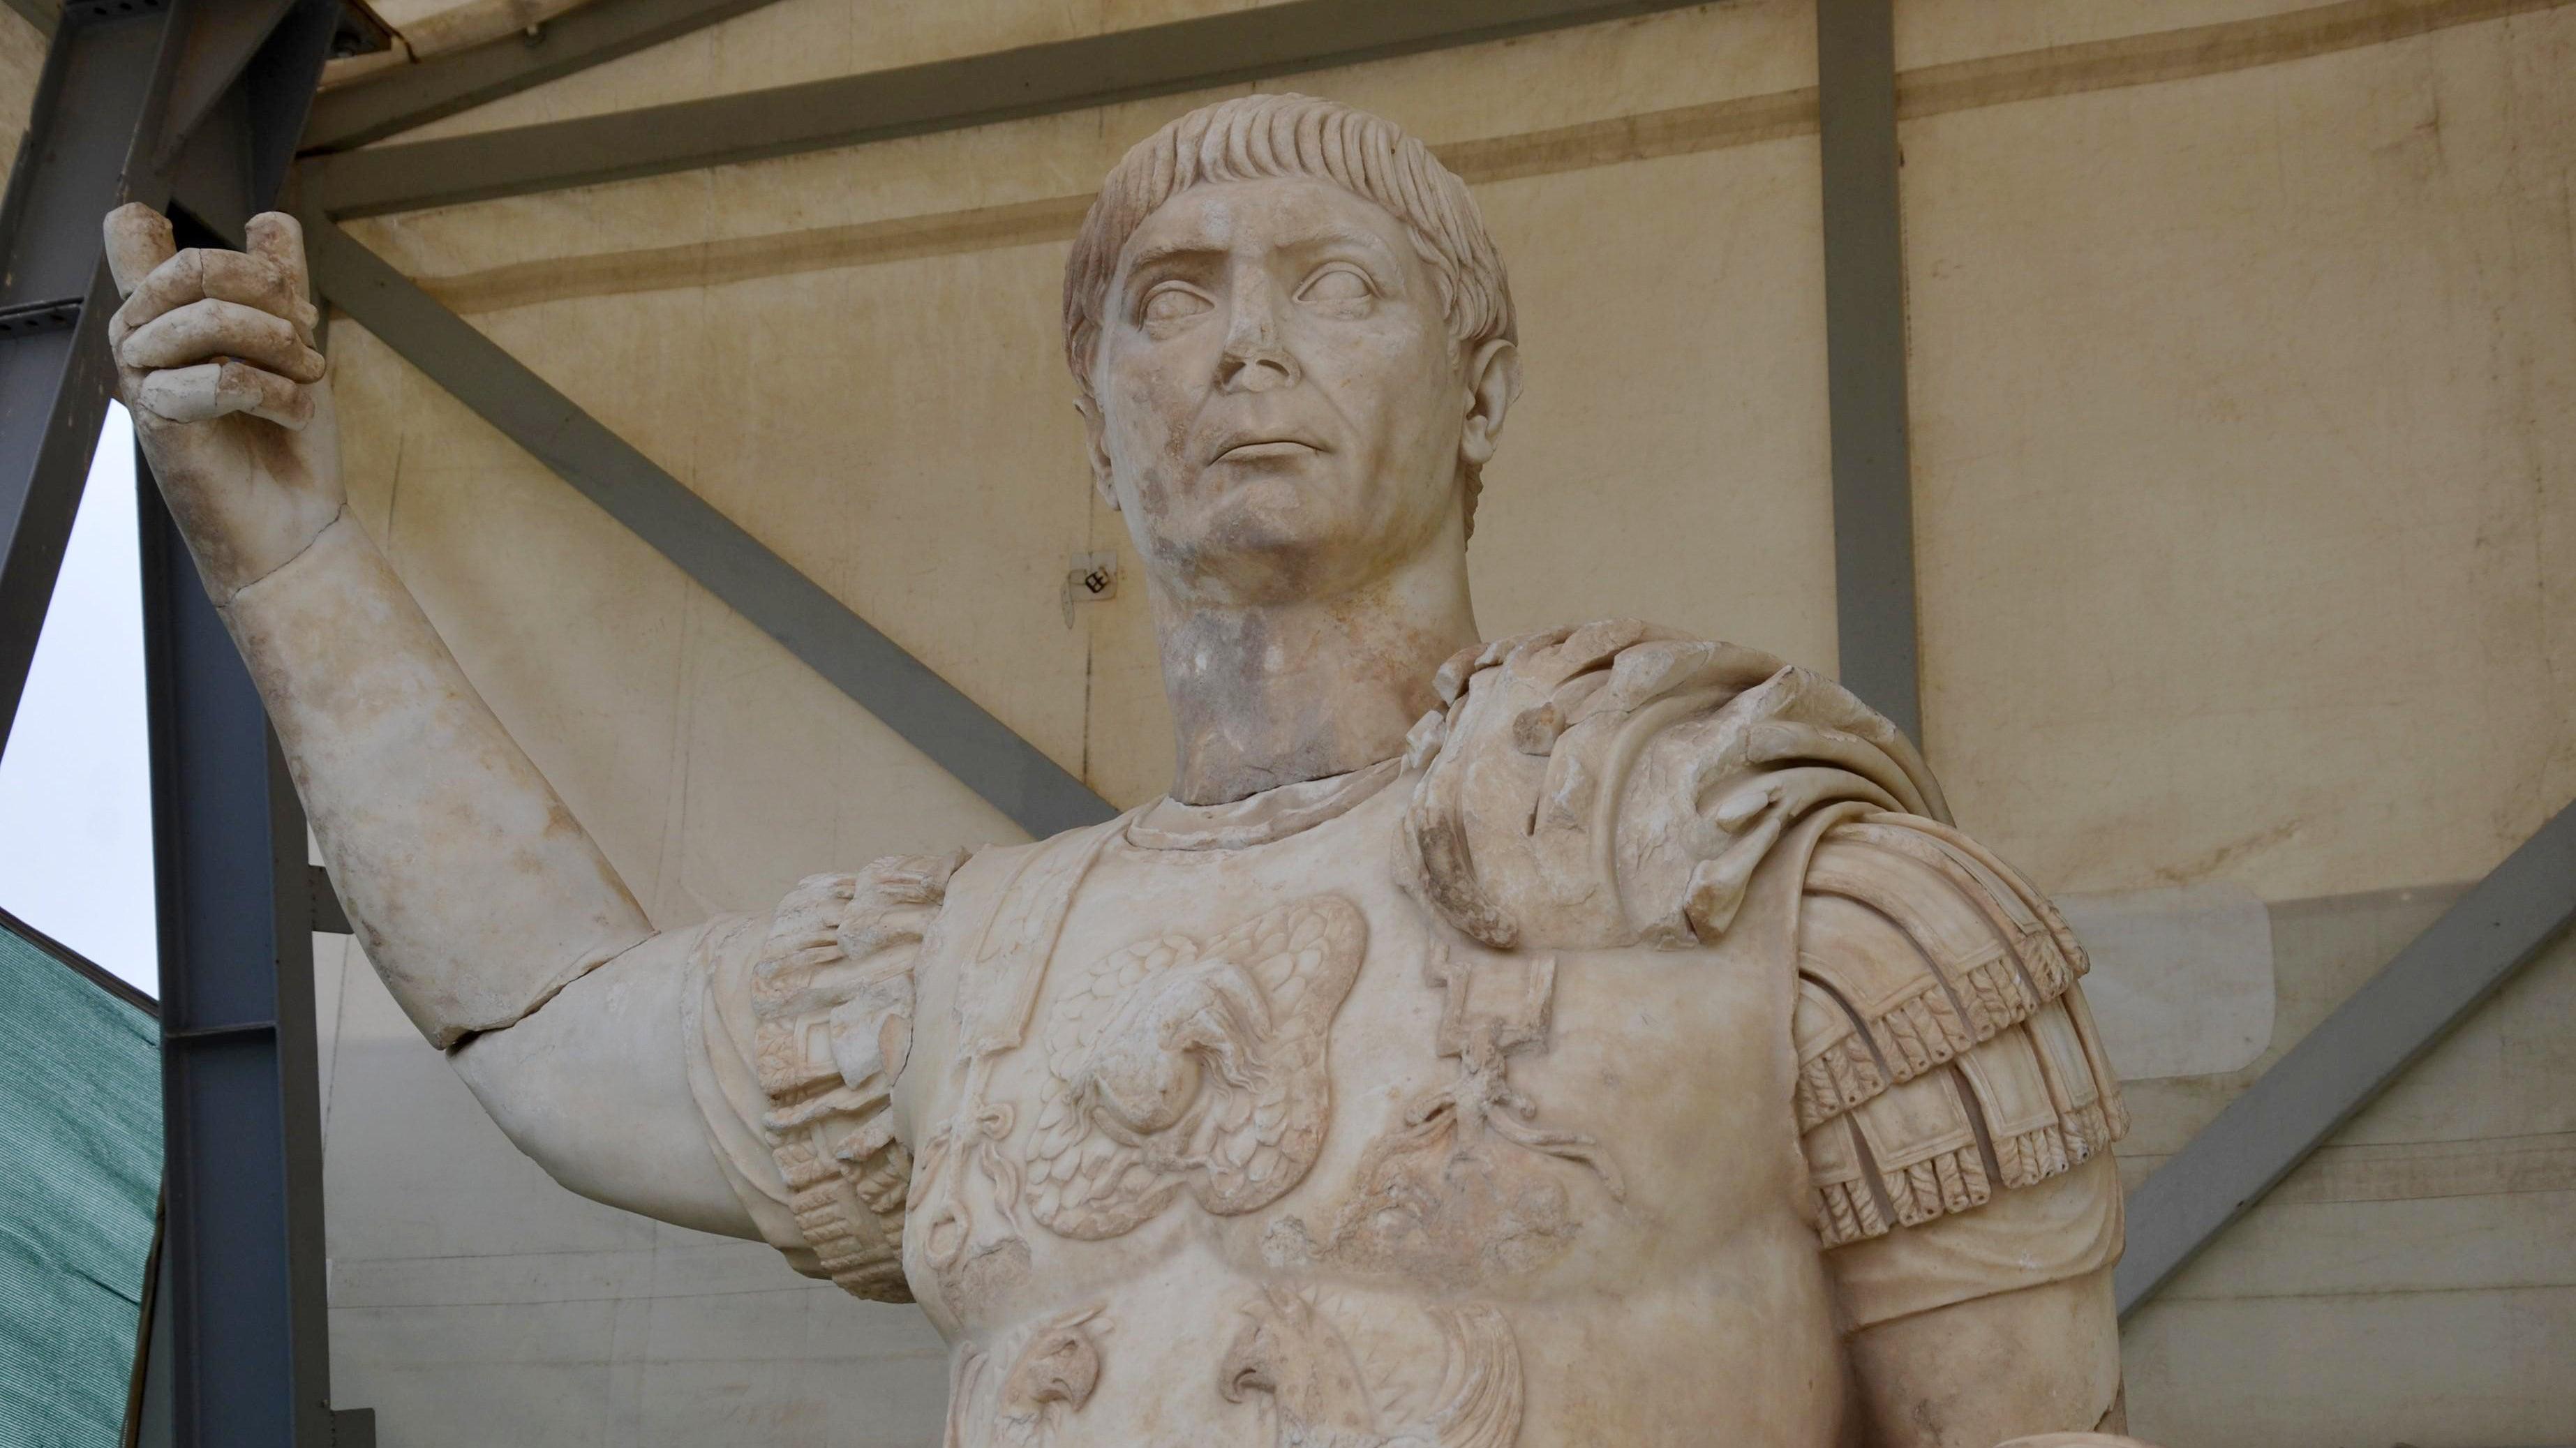 Stunning 10-Foot Statue Of Roman Emperor Found Under Ancient Fountain In Turkey